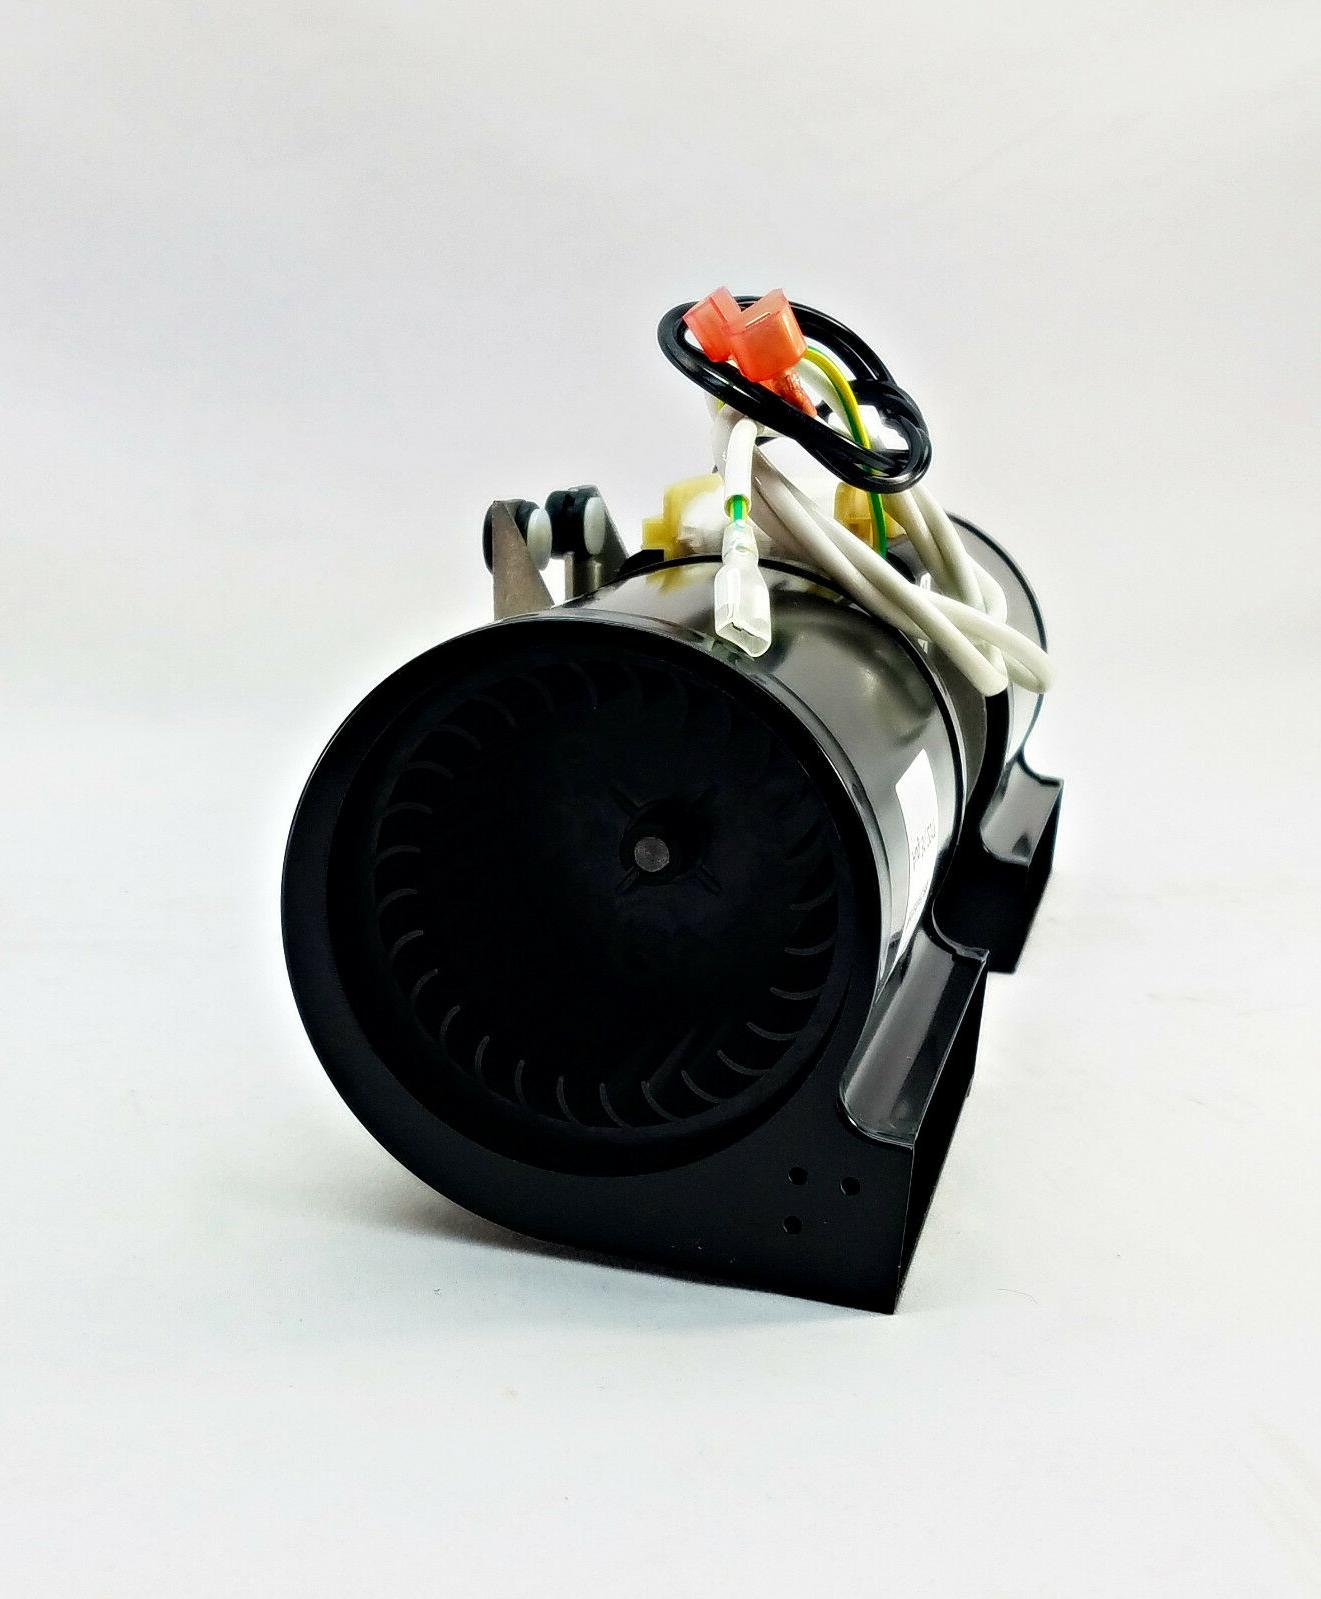 Quadrafire Fan Air Blower Fan Pellet, Wood & 812-4900,